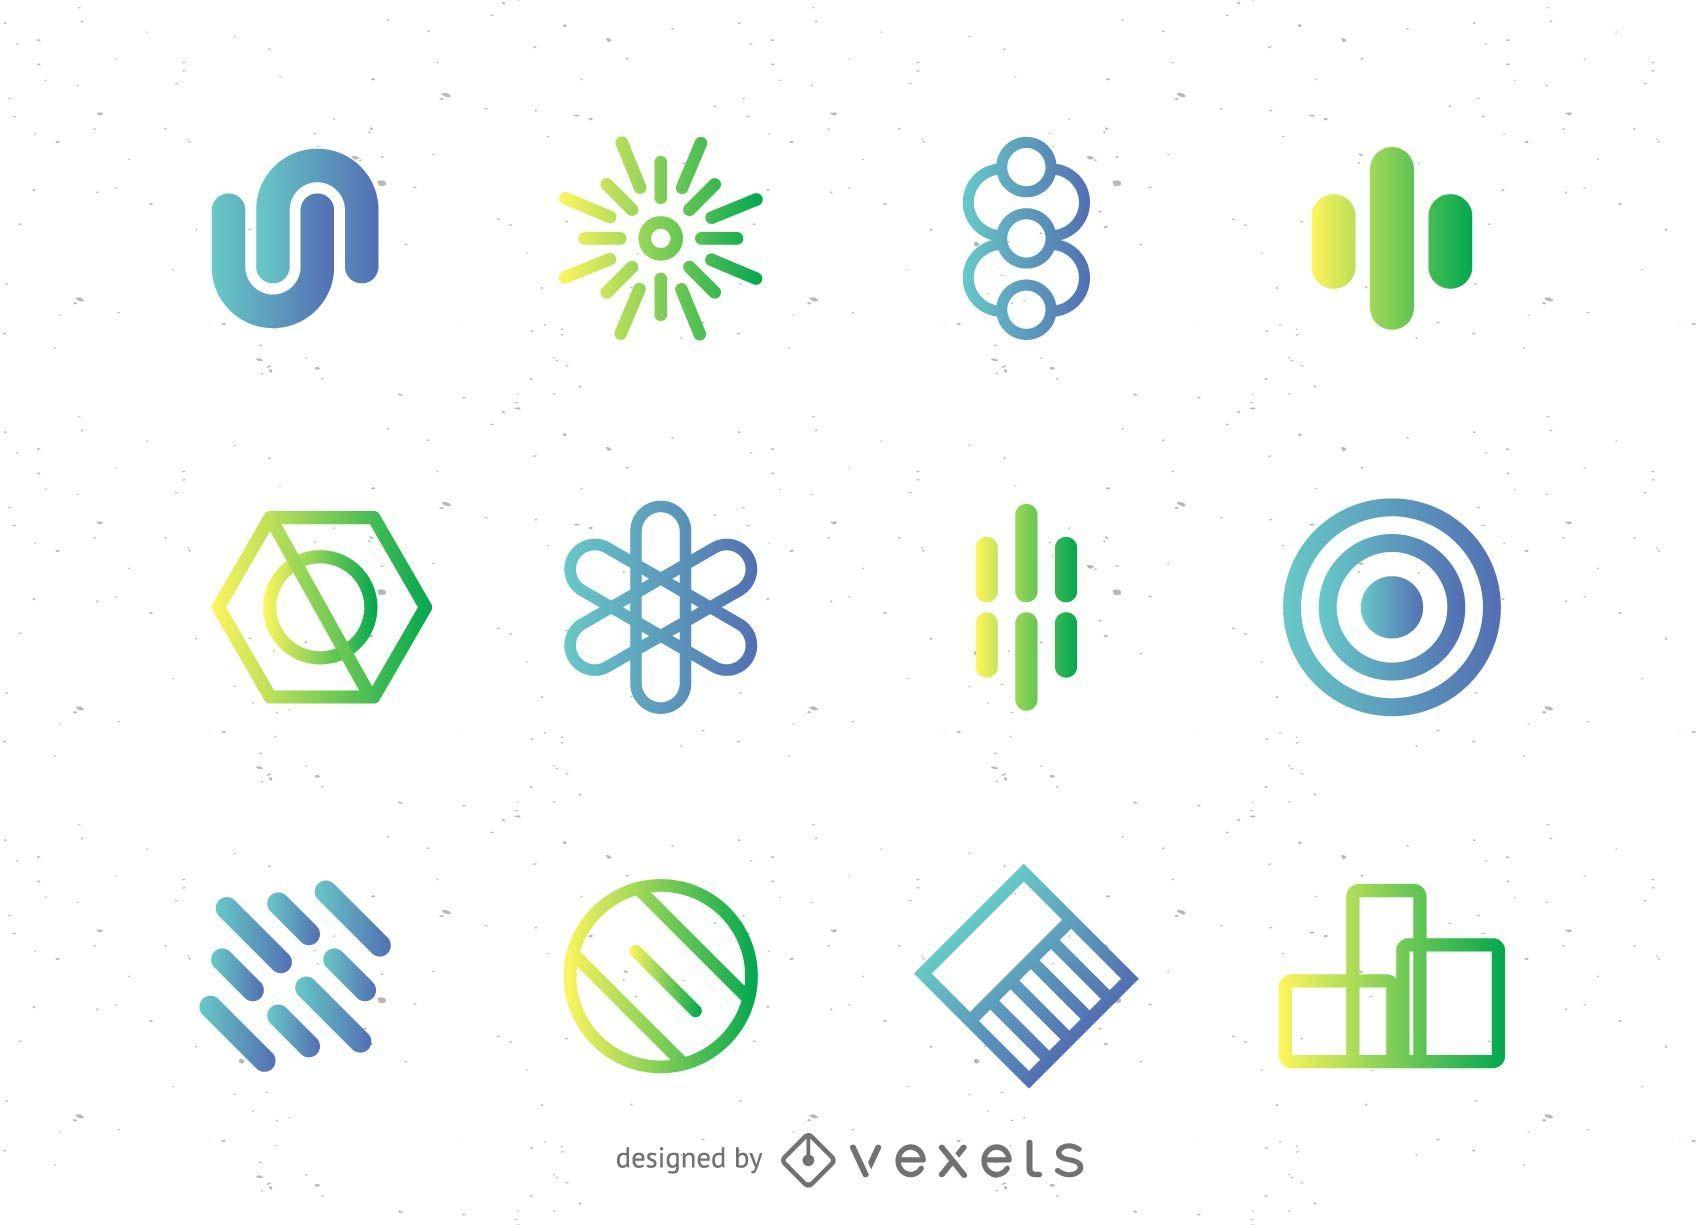 Conjunto de elementos abstratos do logotipo